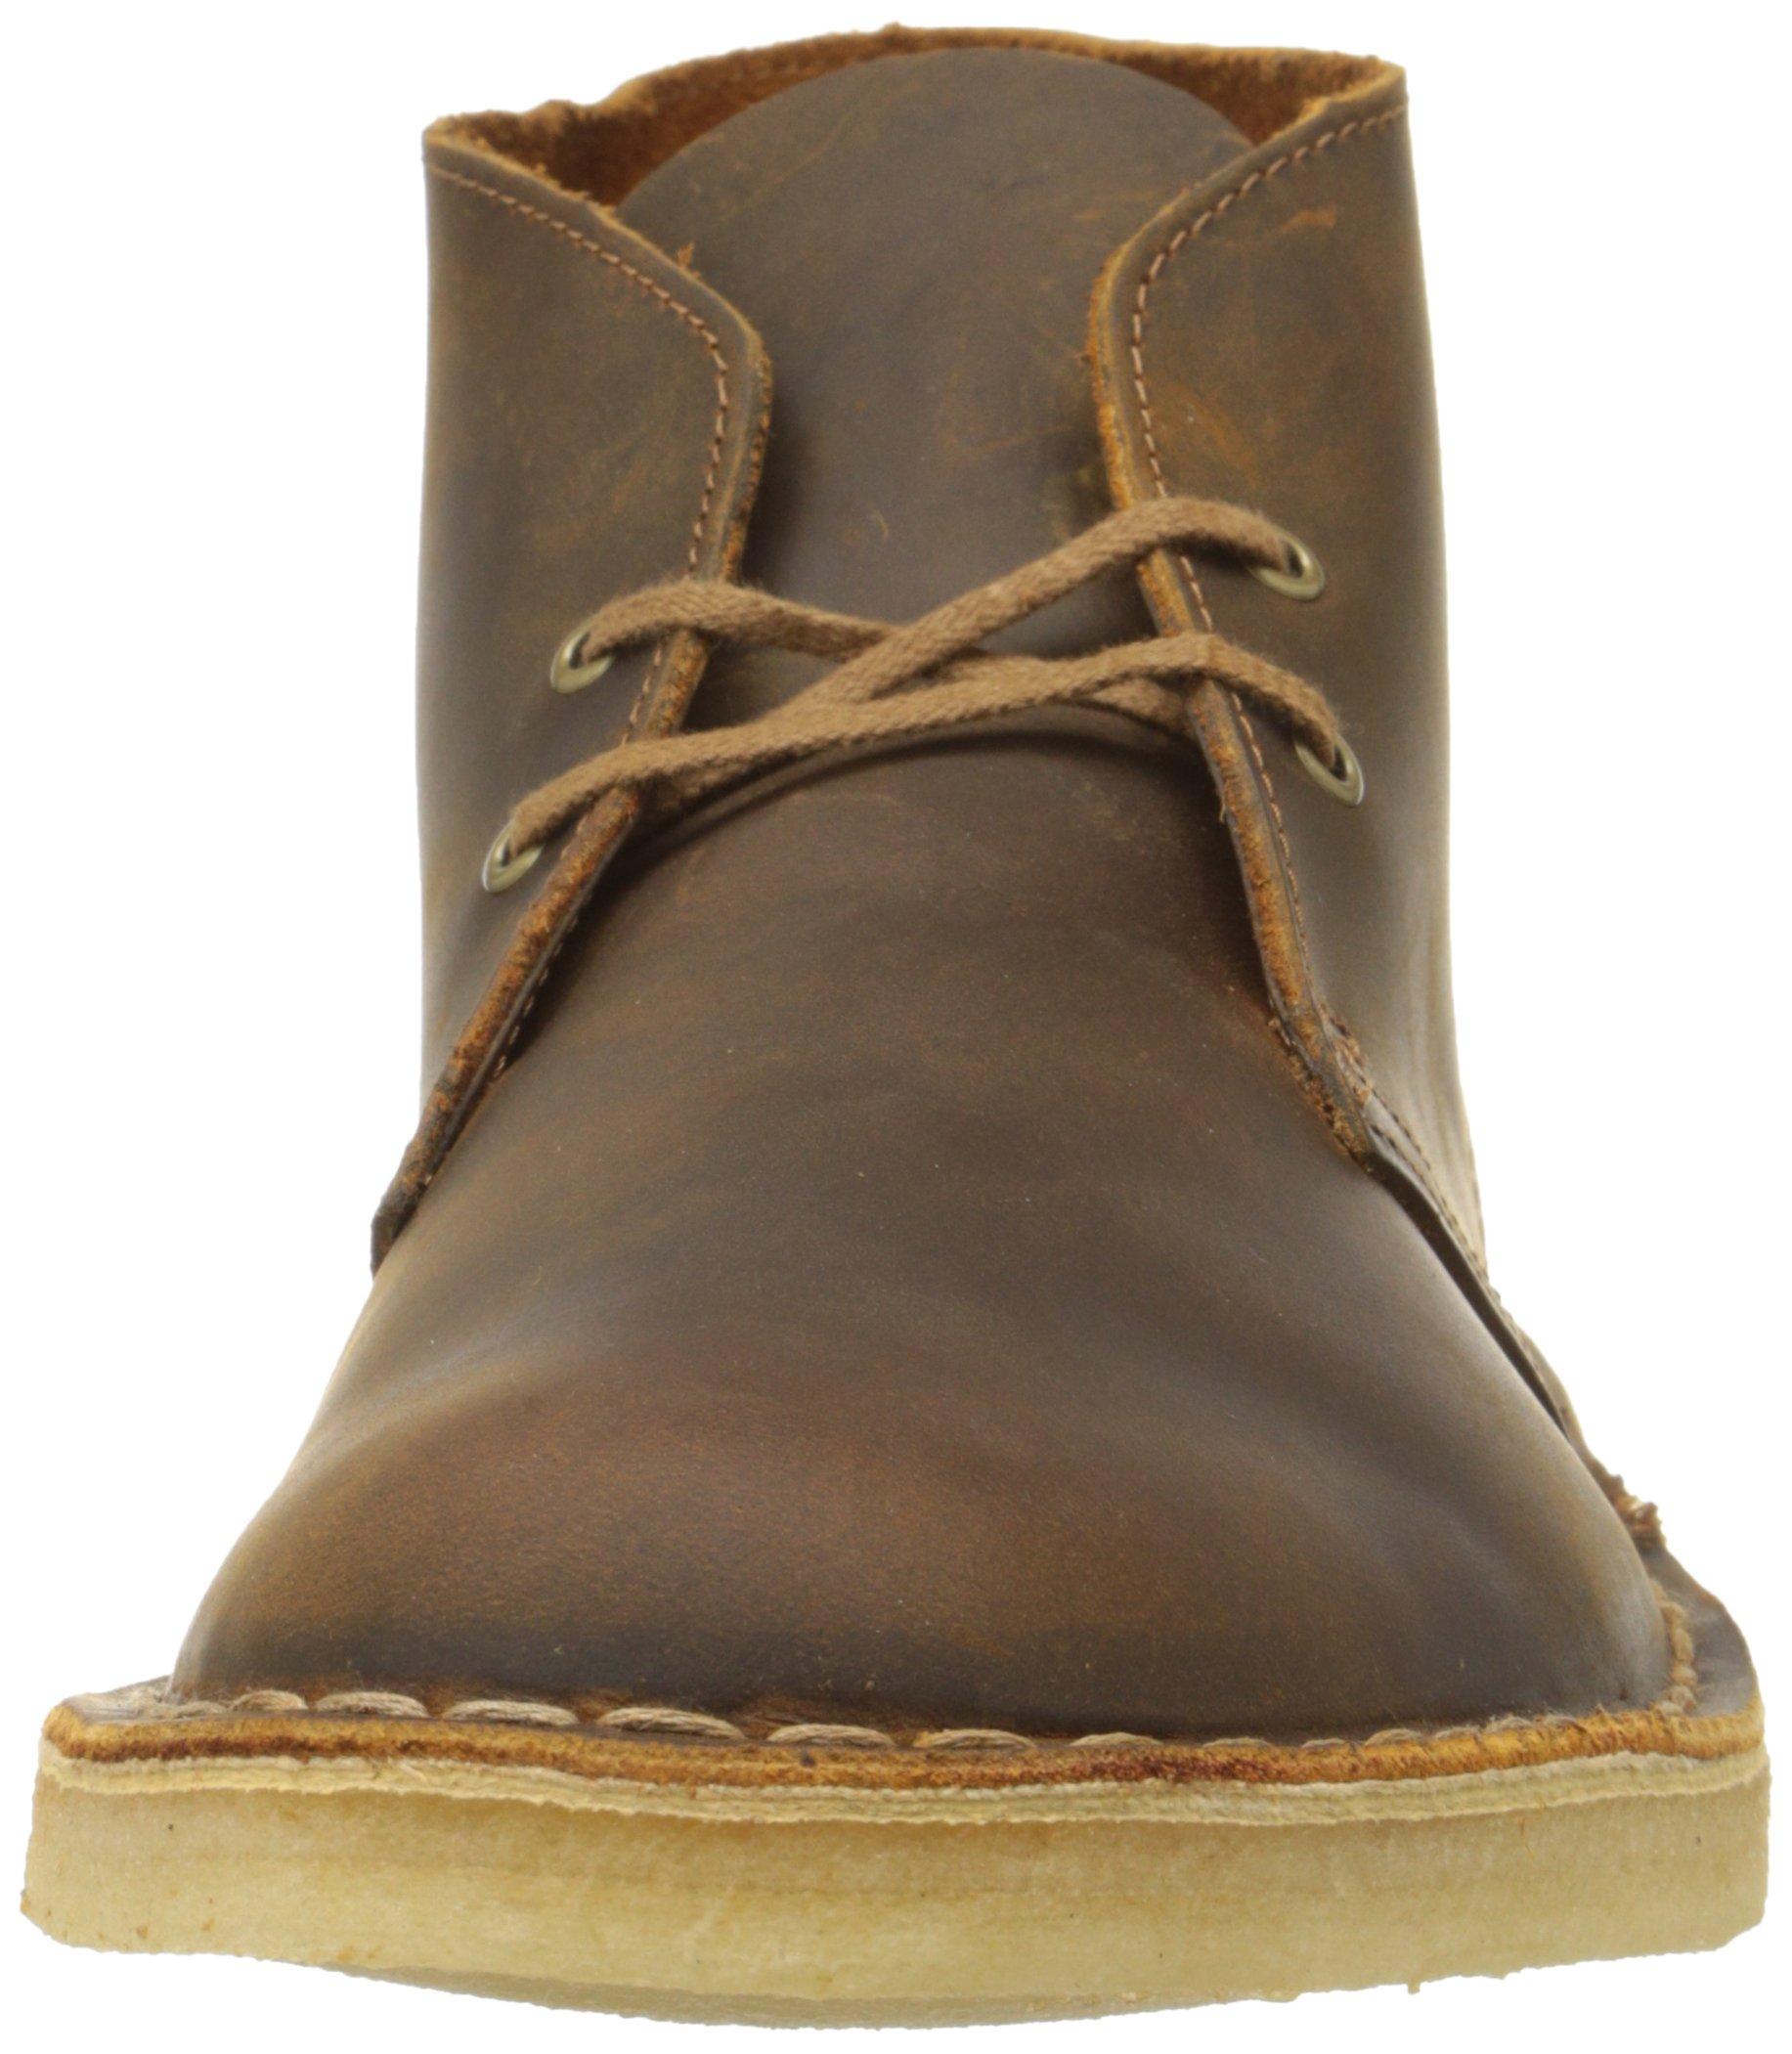 Clarks Originals Men's Desert Boot,Beeswax,9.5 M US by CLARKS (Image #4)